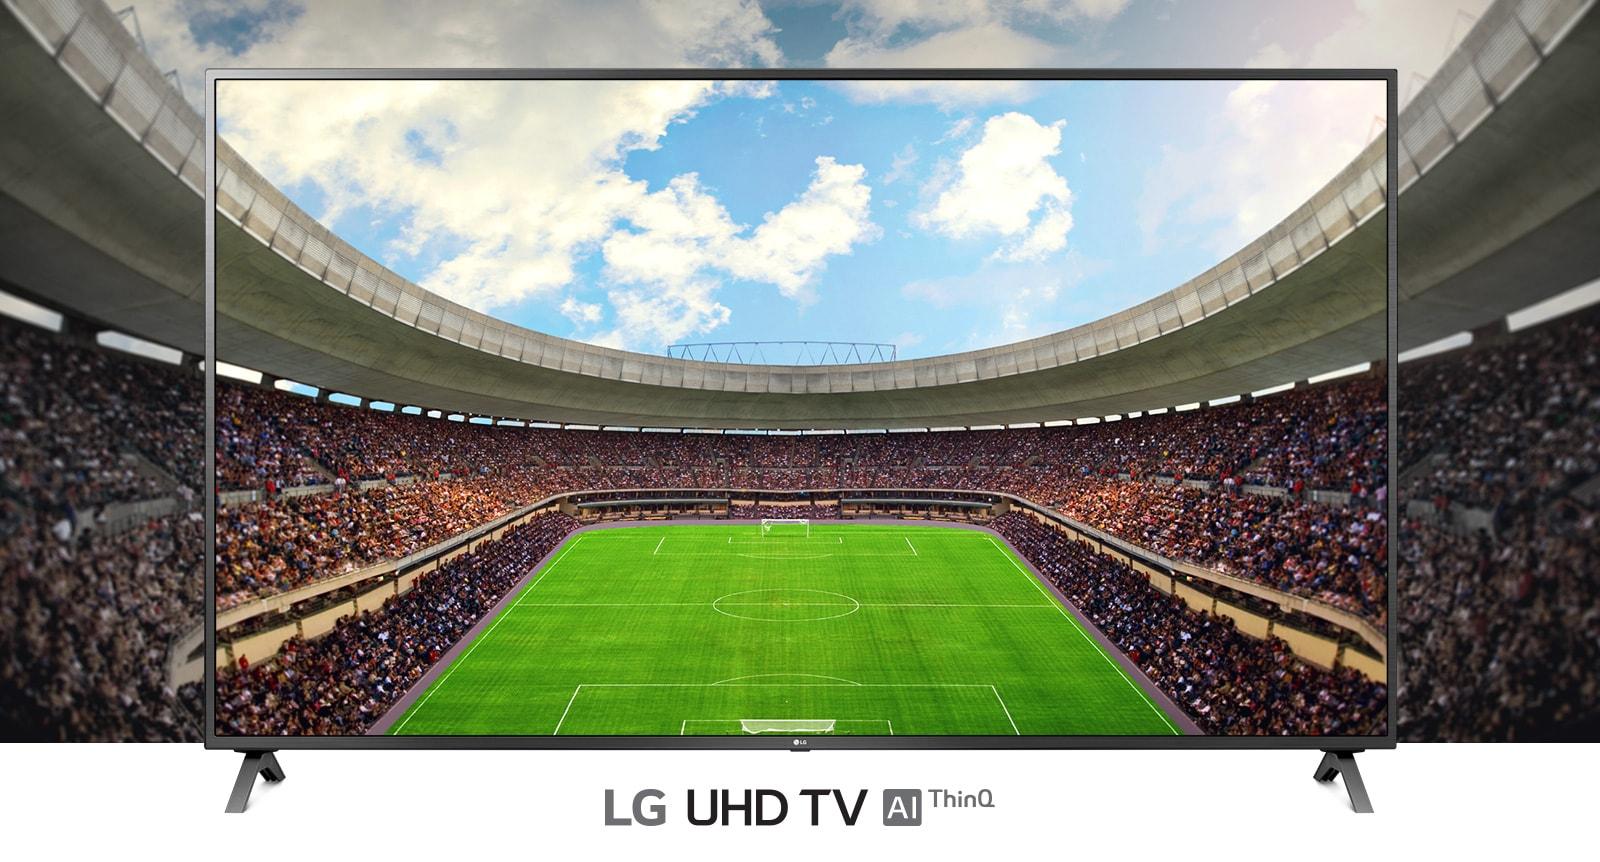 Se muestra una vista panorámica del estado de futbol lleno de espectadores dentro de un marco de televisión.